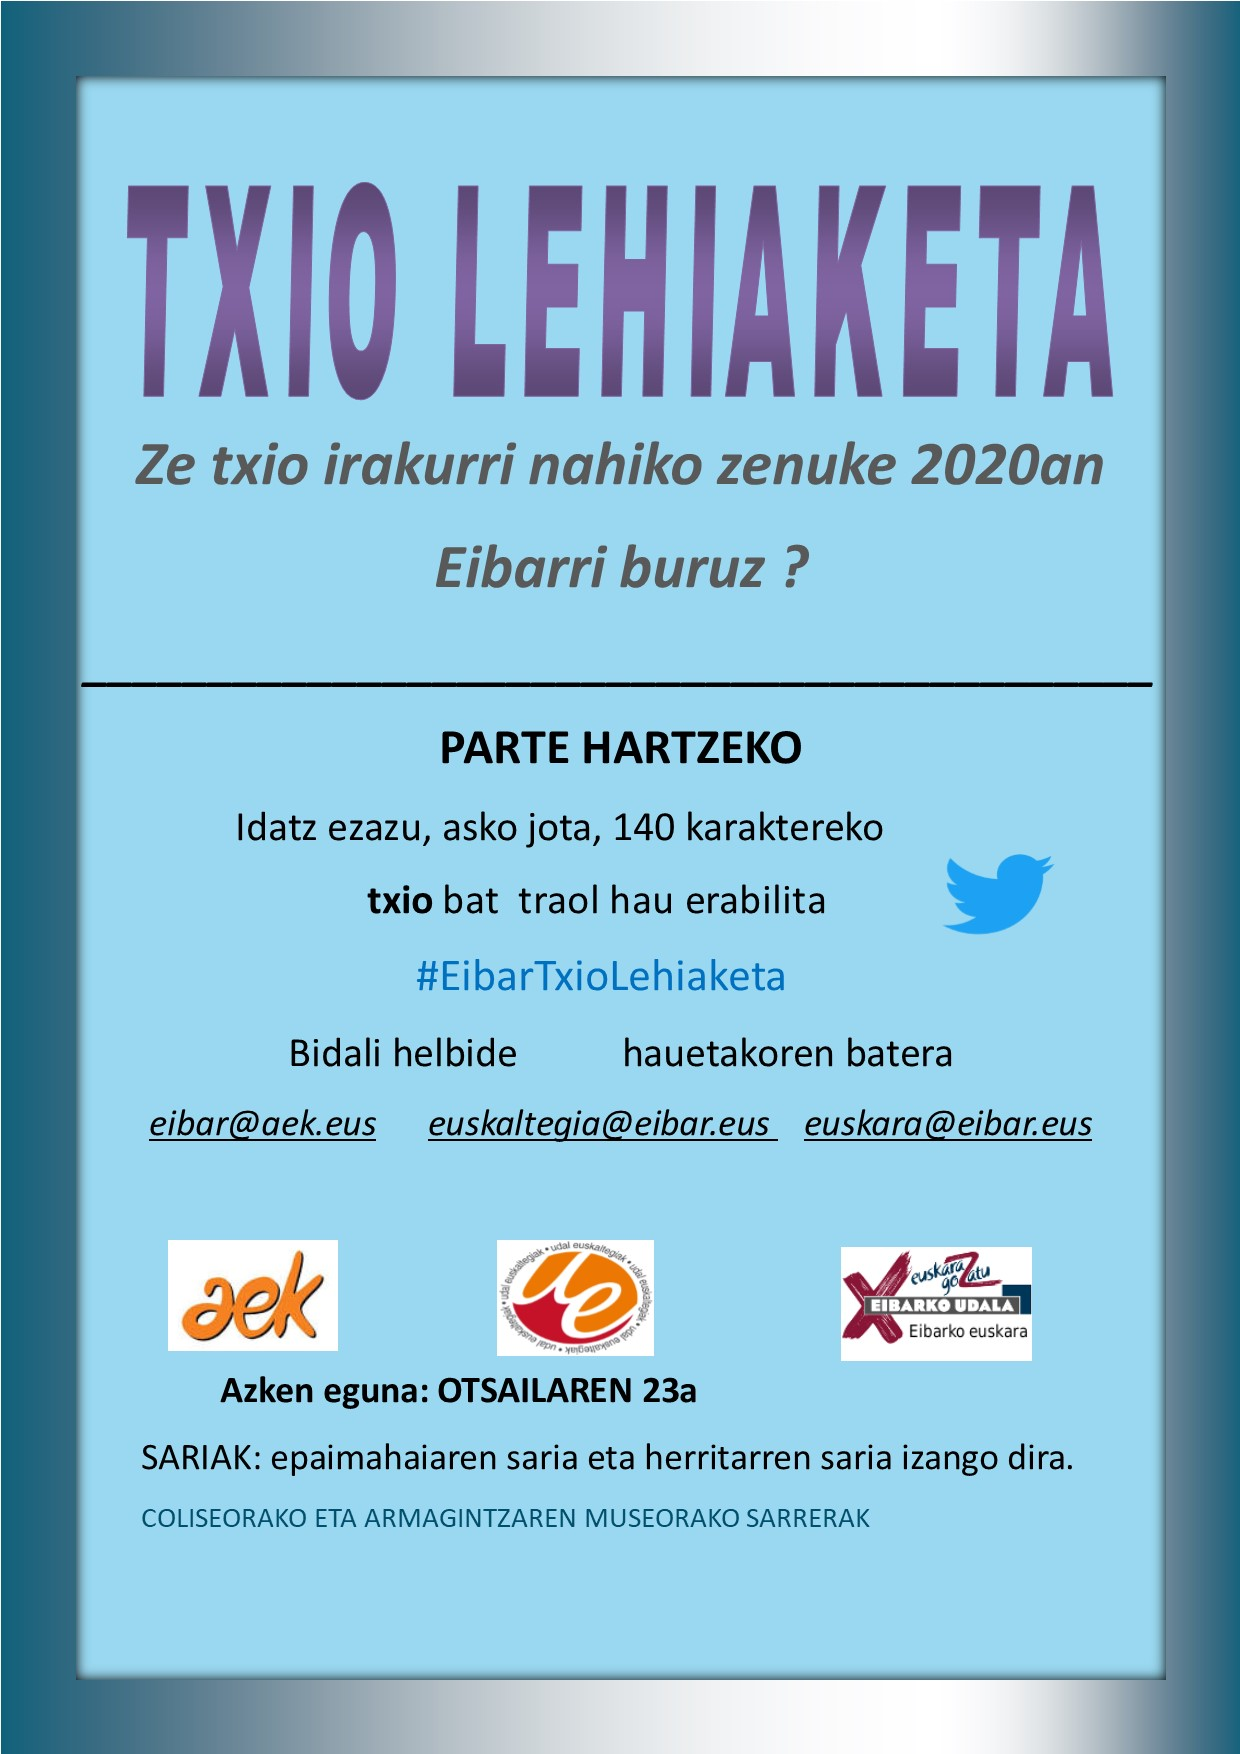 Concurso de tuits en euskera